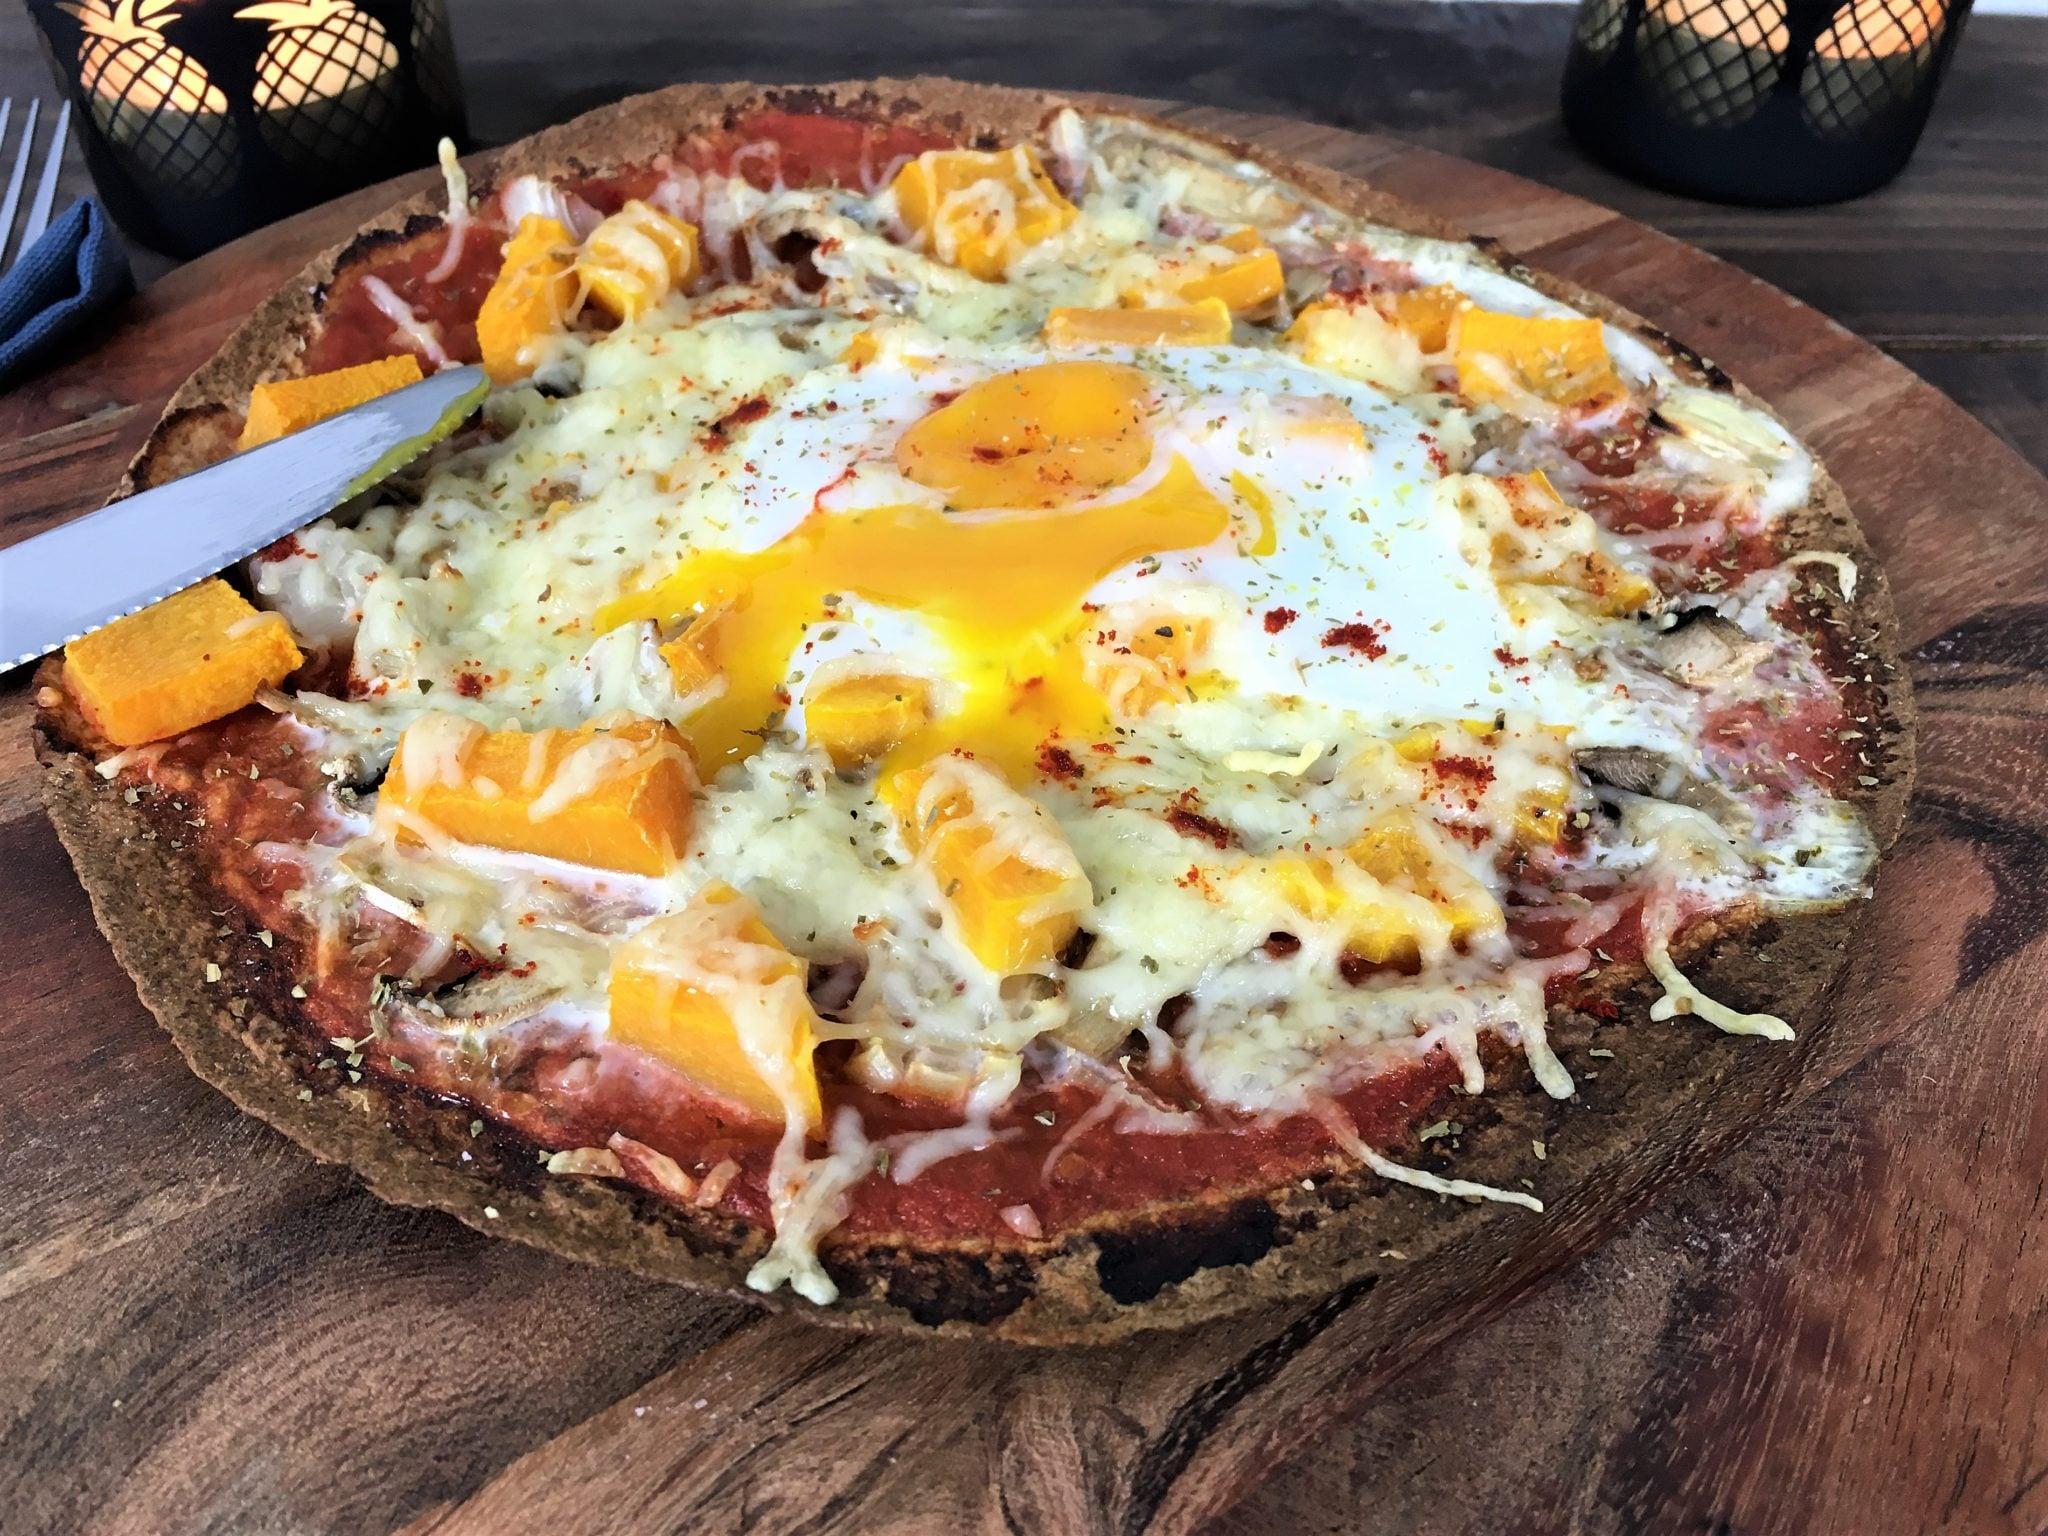 Recette de Thibault Geoffray - La pizza wrap - Cuisine Test